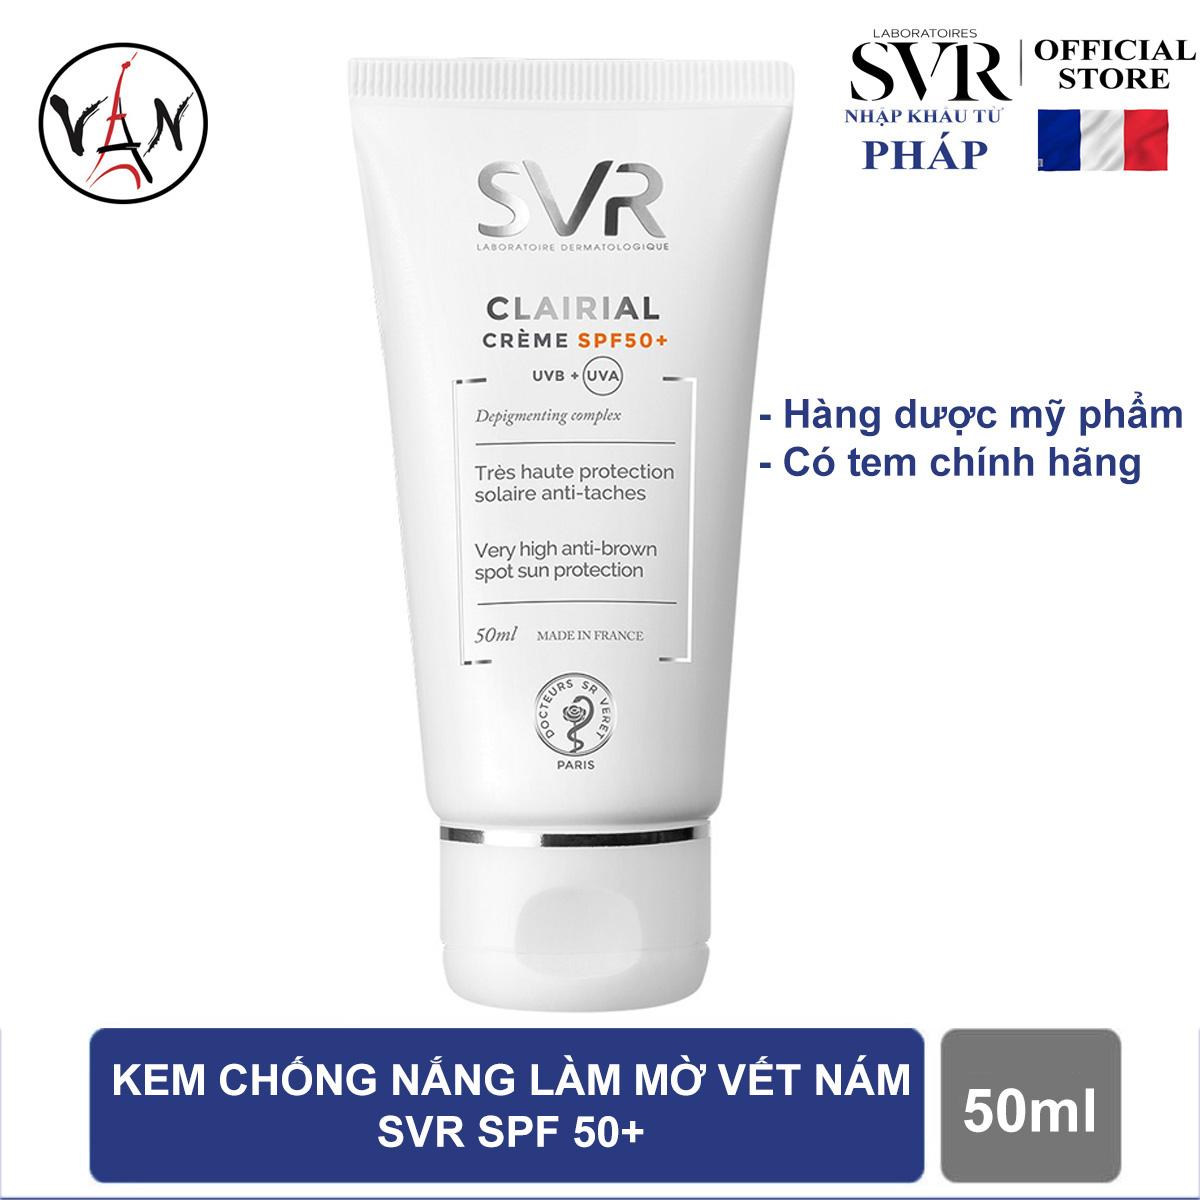 Kem làm mờ vết nám và chống nắng SVR spf50+ 50ml nhập khẩu